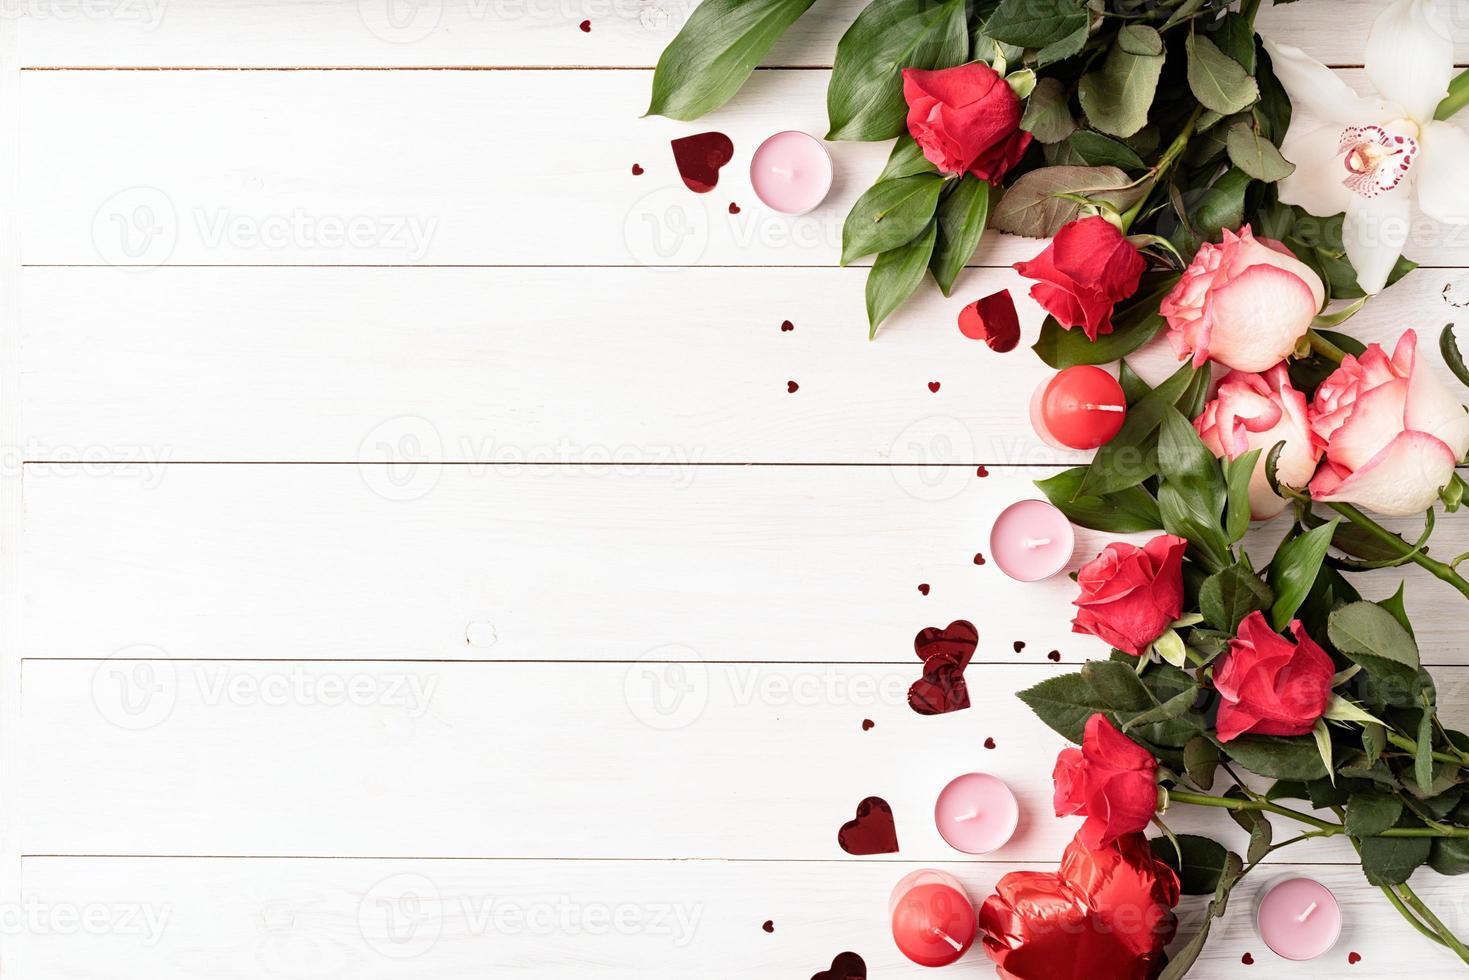 rosas rojas y decoraciones para el día de san valentín, vista superior foto